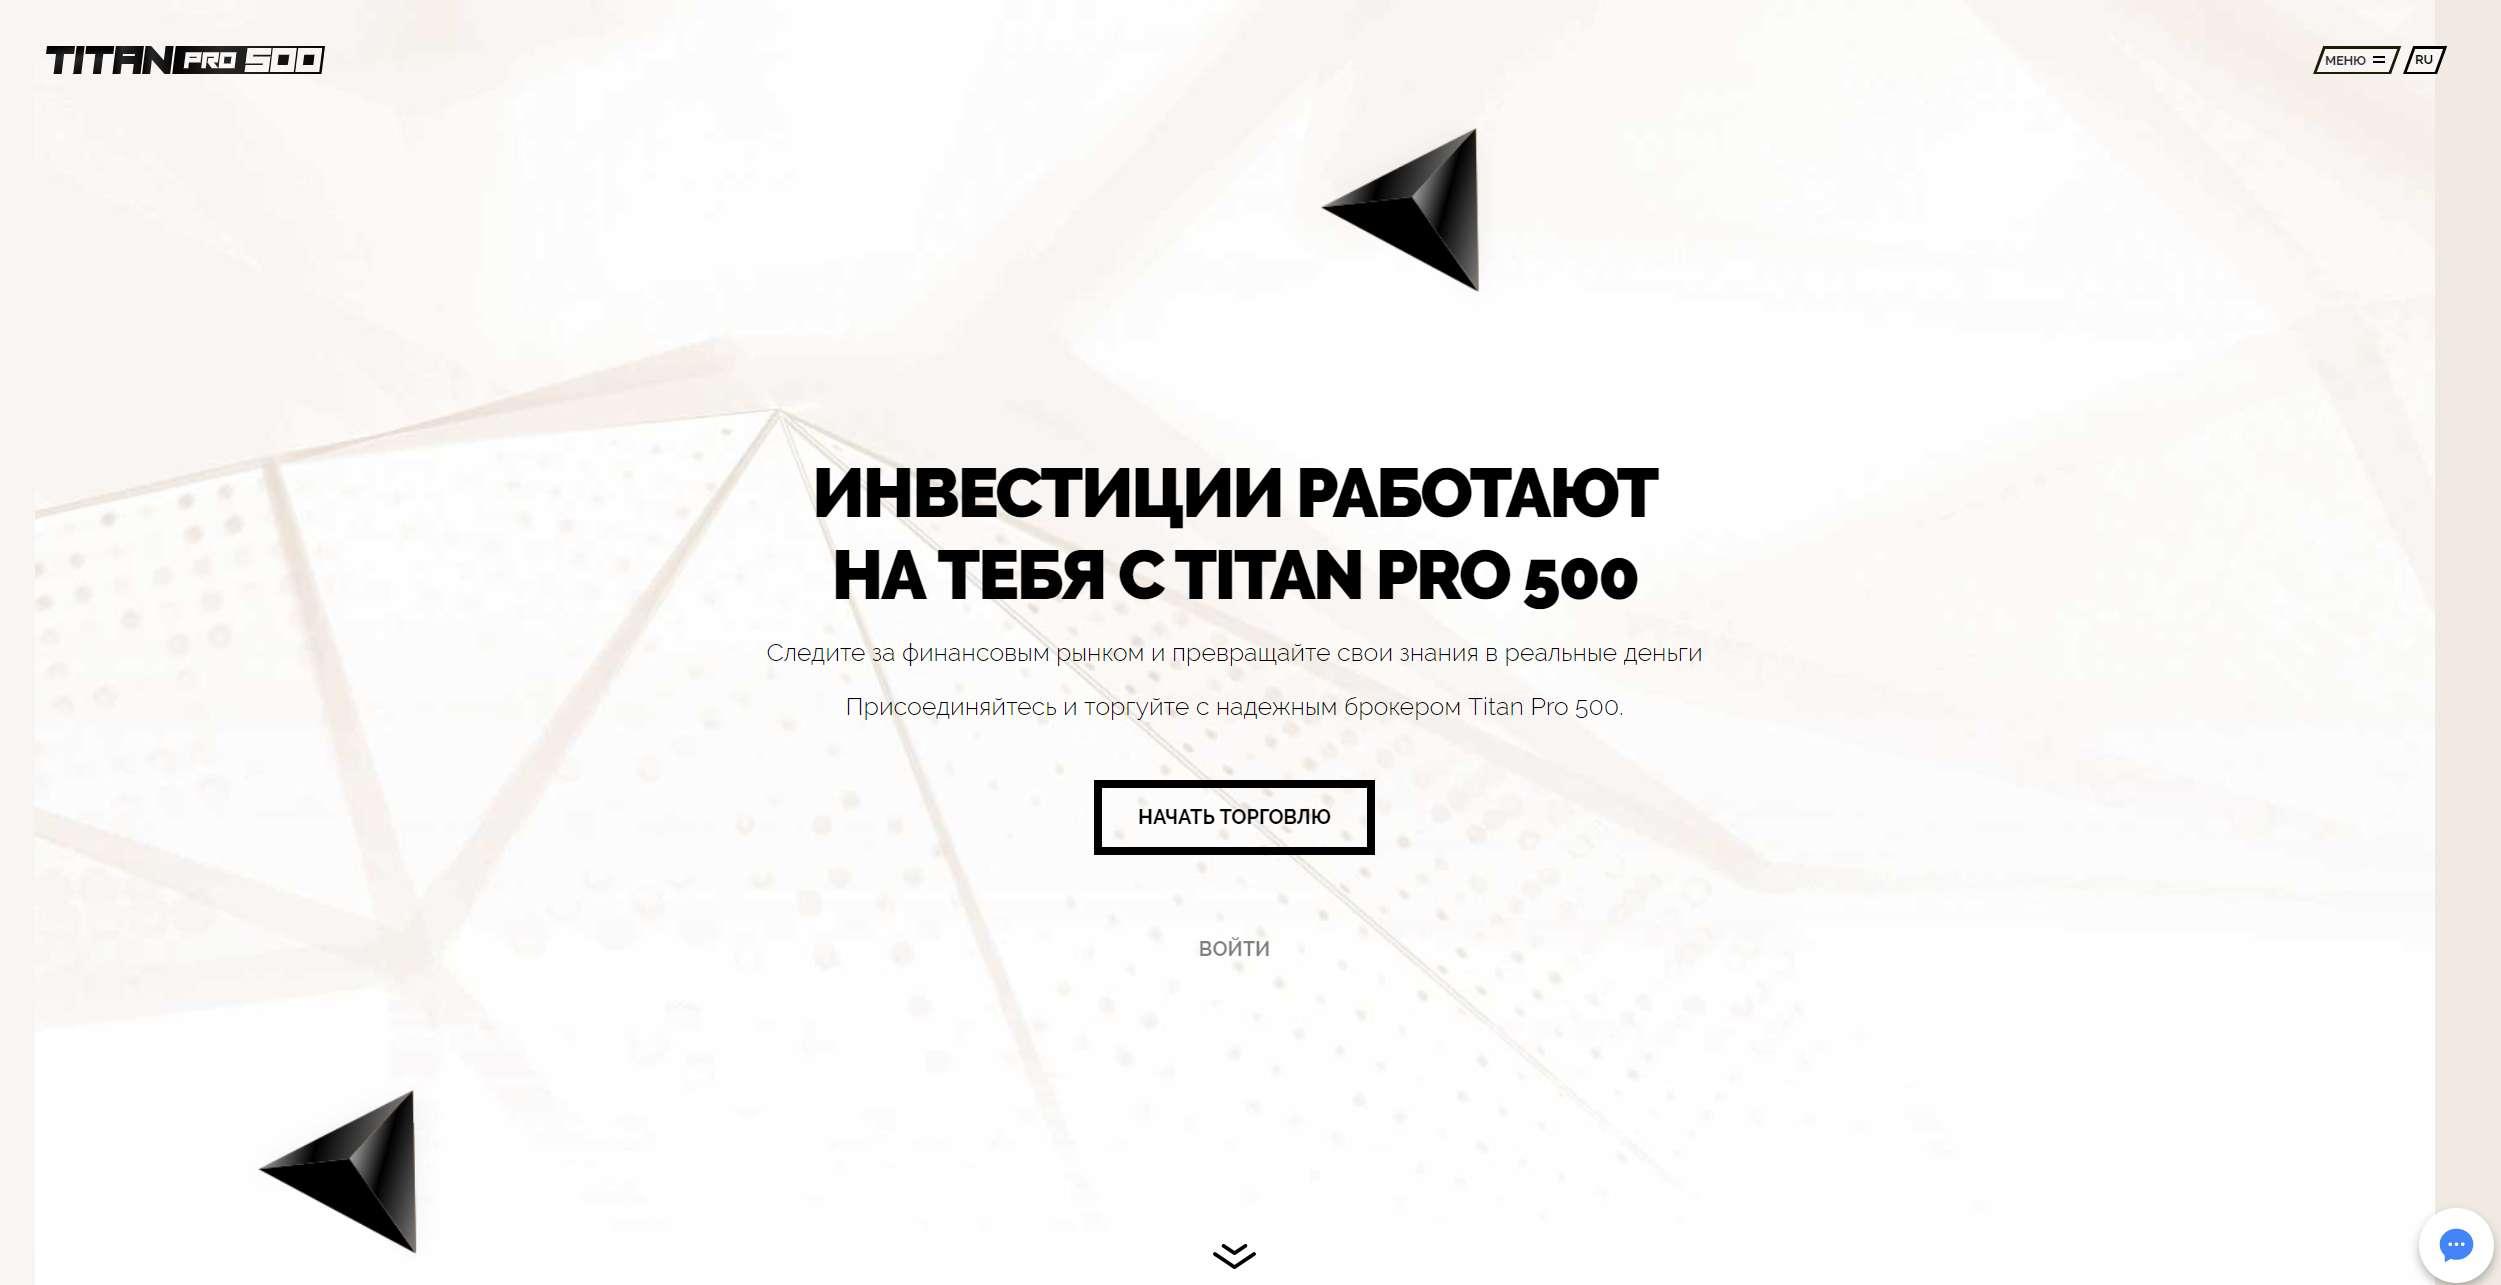 Обзор Titan Pro 500. Очередной лохотронщик и развод!